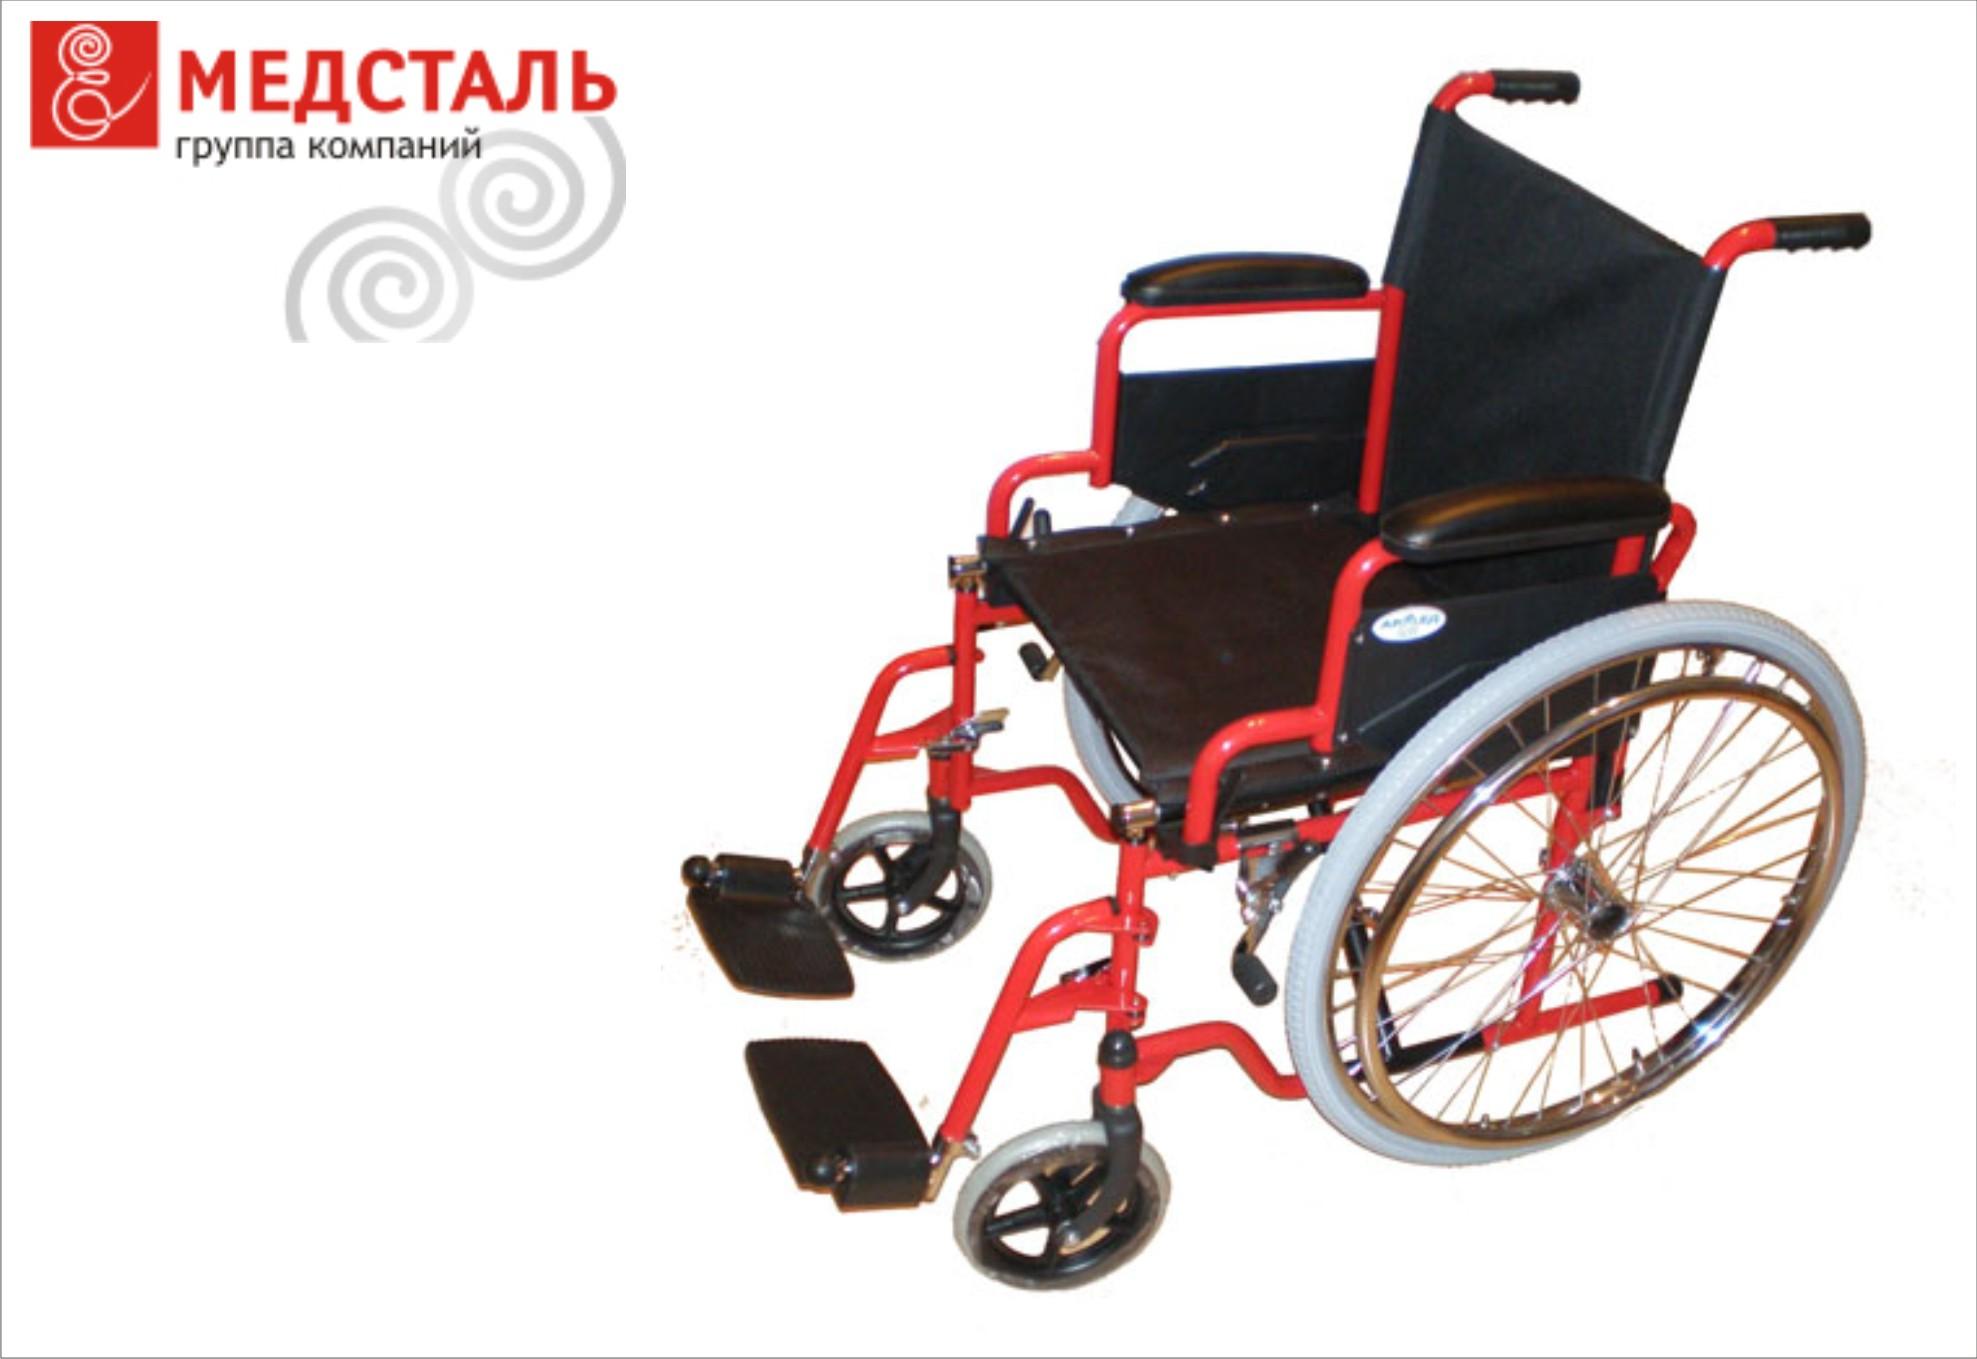 инвалидная коляска бу купить спб статья